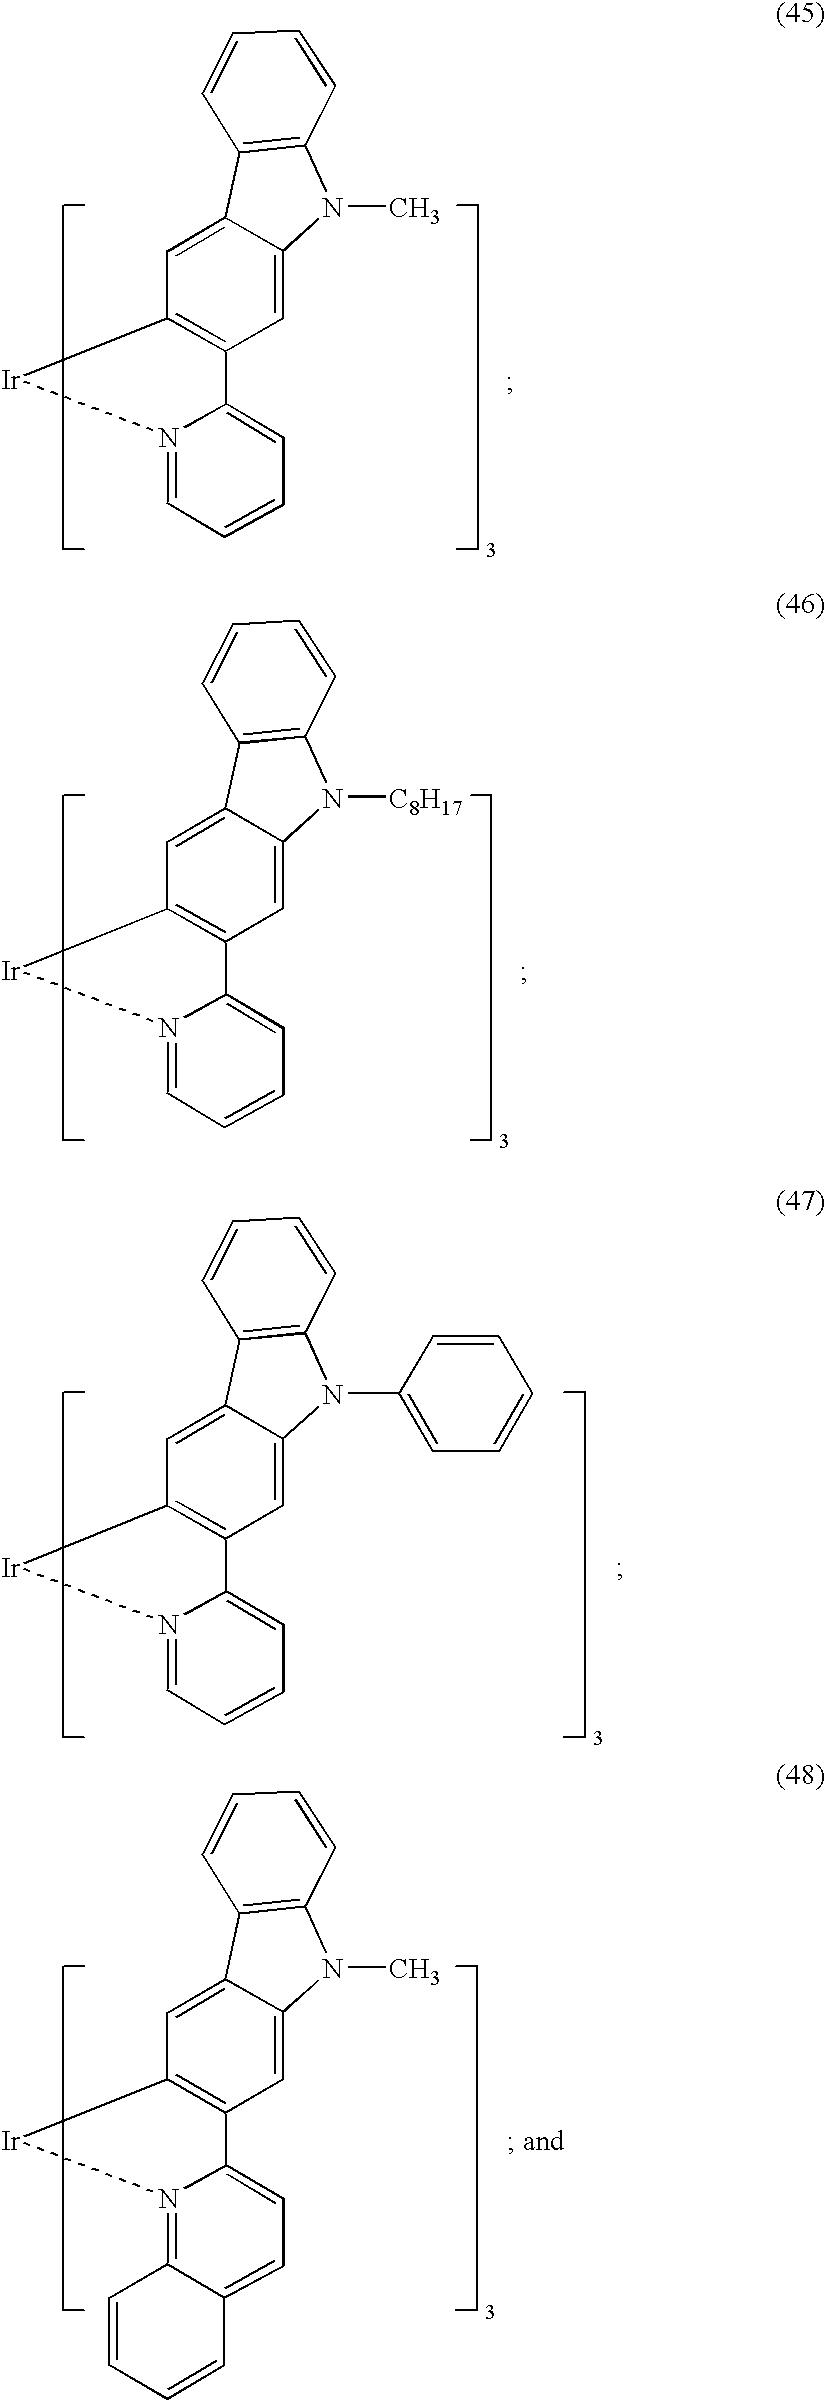 Figure US06953628-20051011-C00023